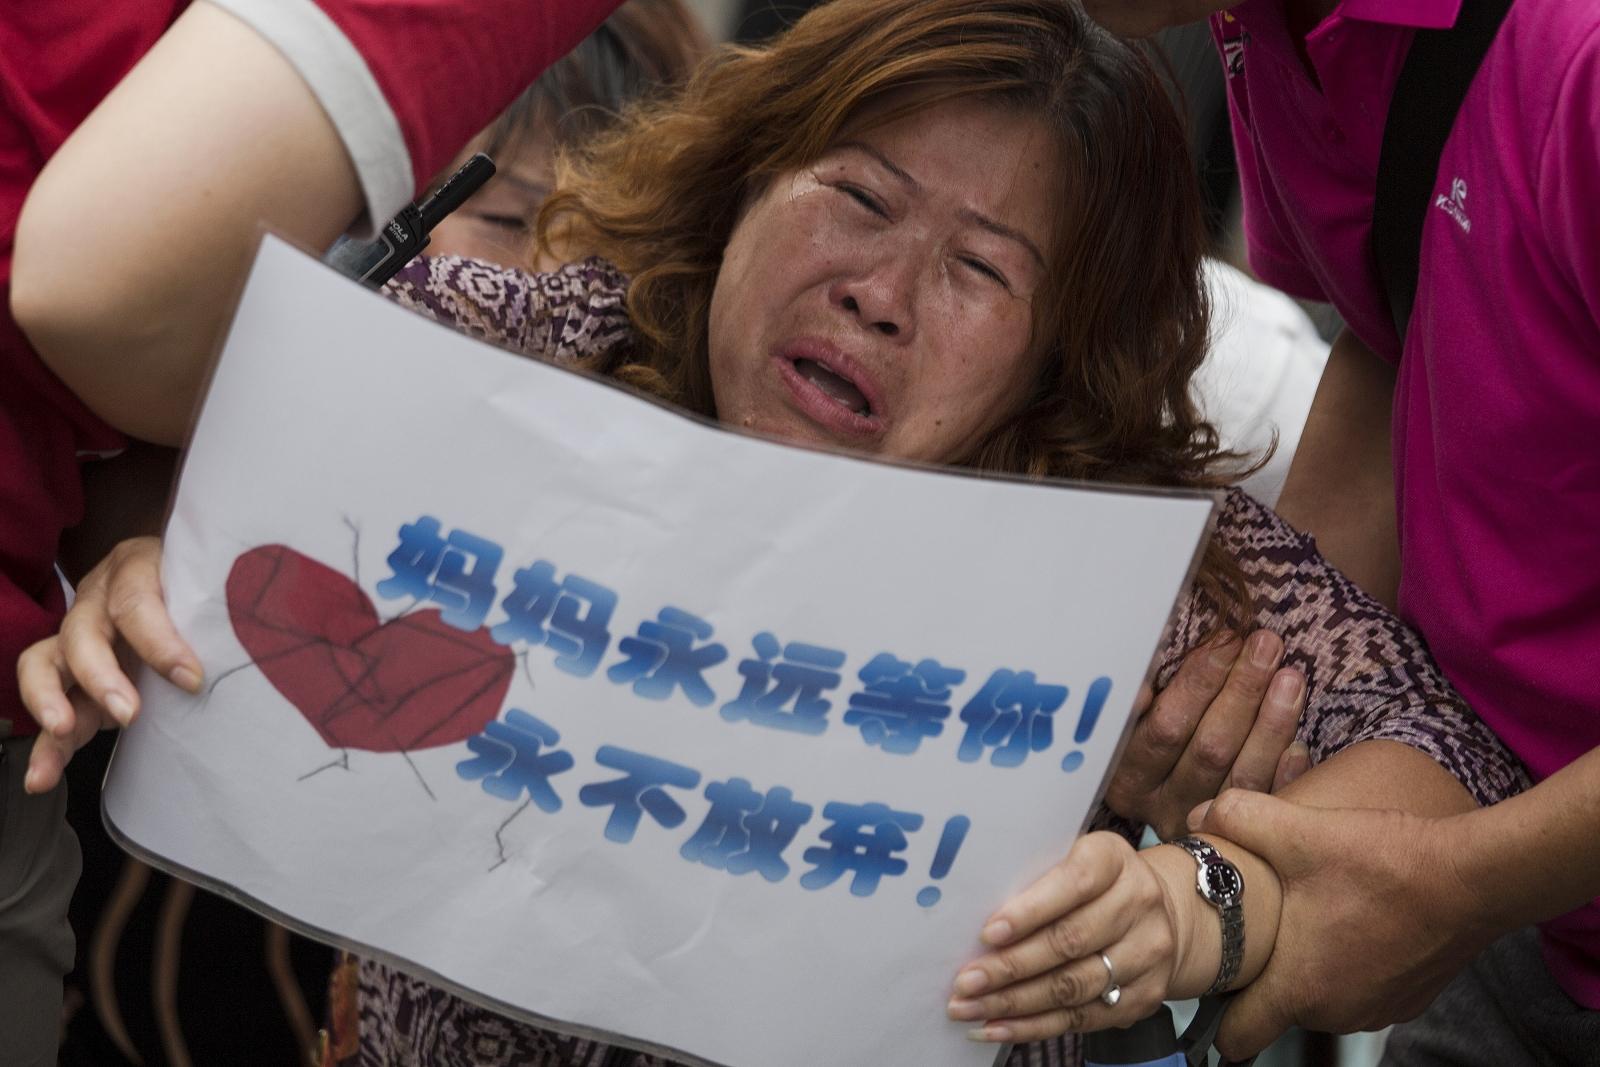 Malaysia Airlines MH370 Maldives debris